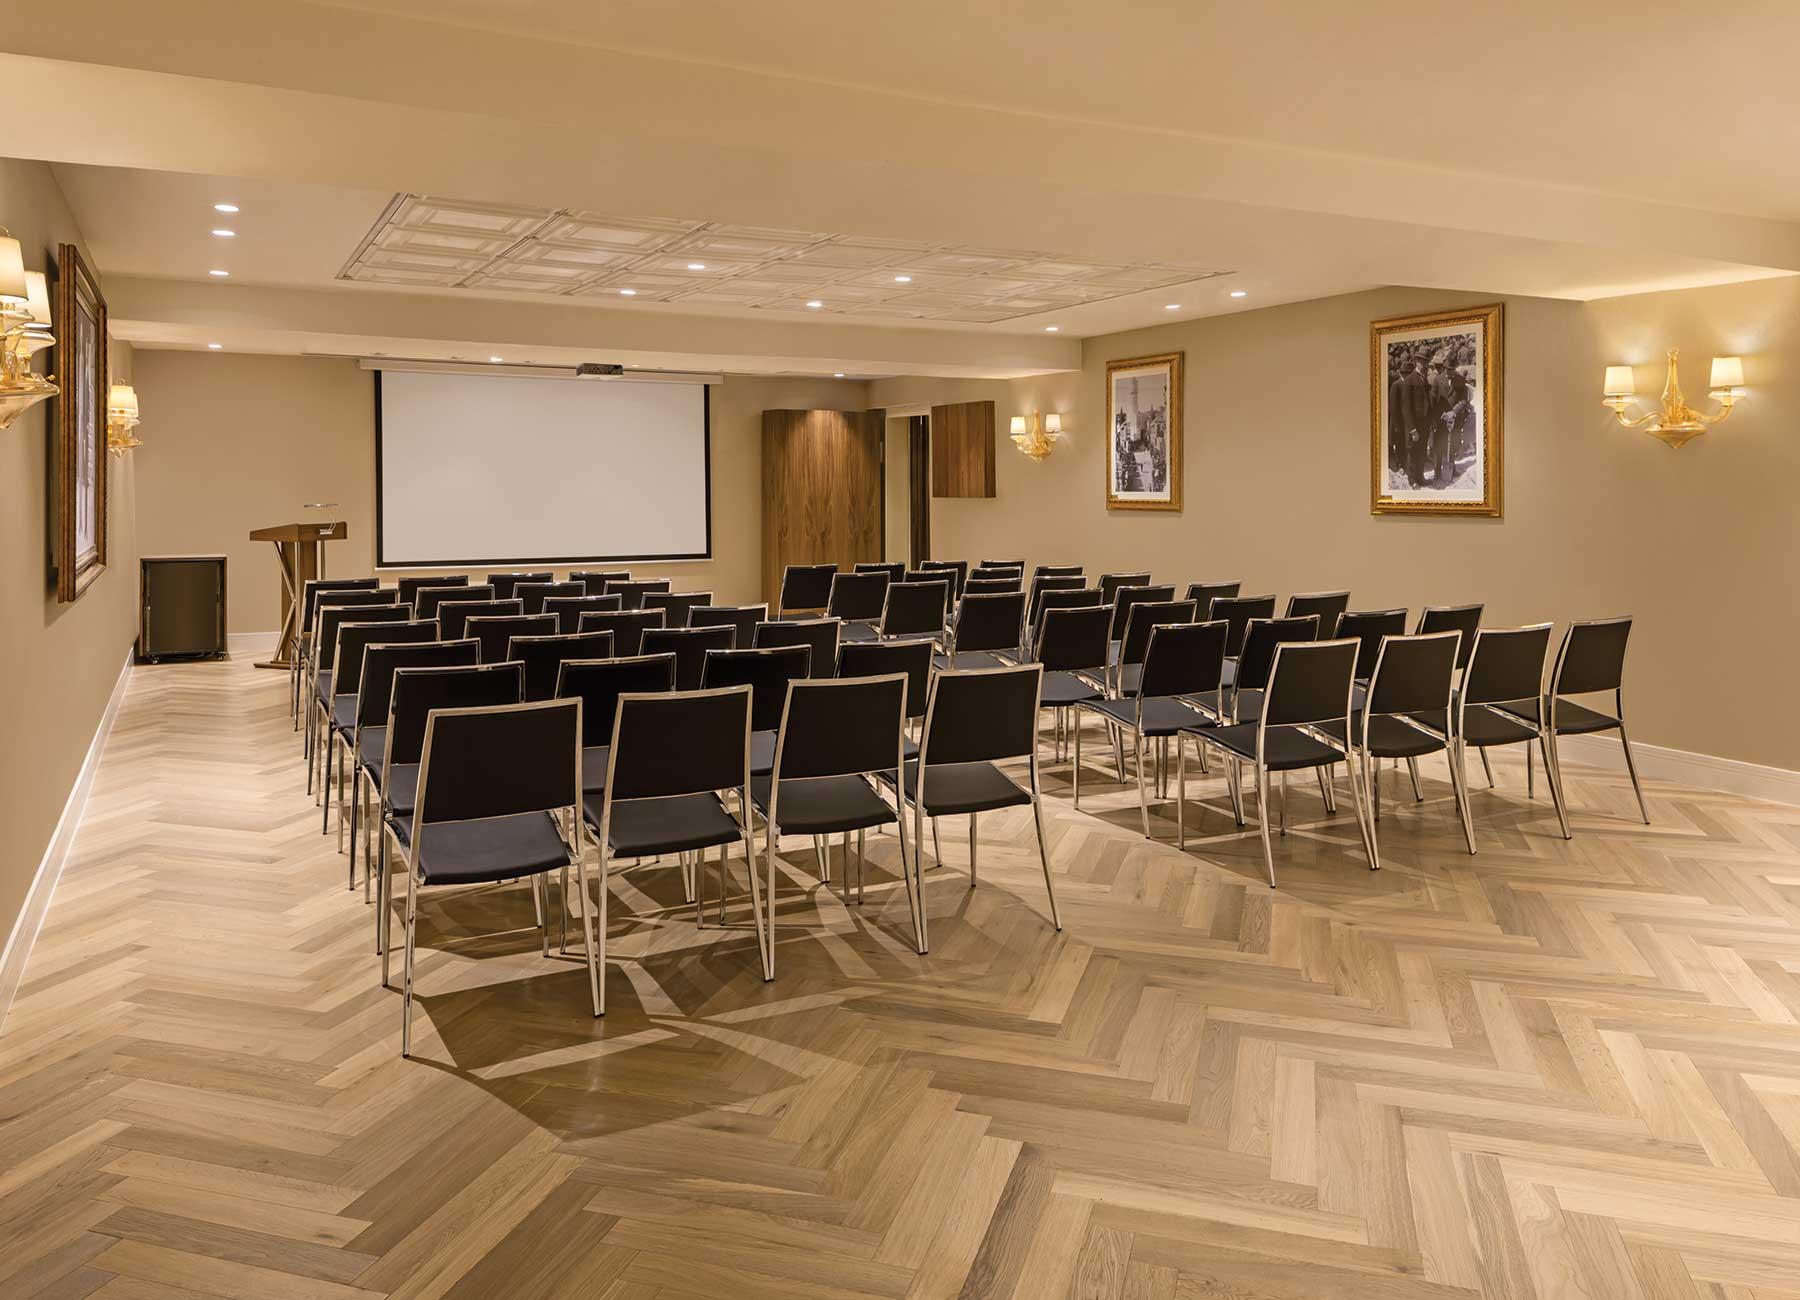 חדר ישיבות במלון הרברט סמואל ירושלים